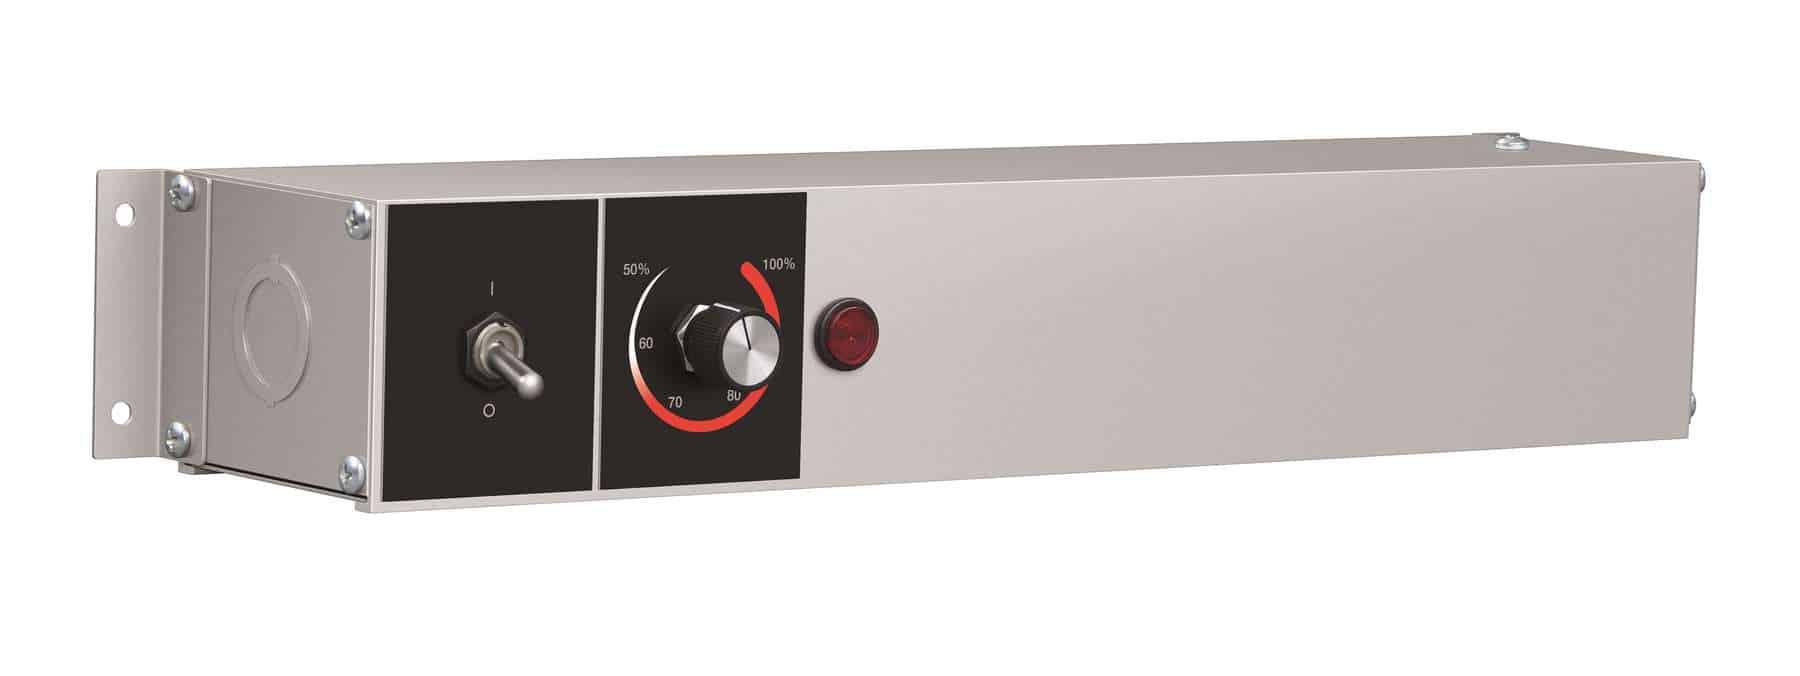 Hatco Rmb 3f Remote Control Enclosure Ckitchen Com